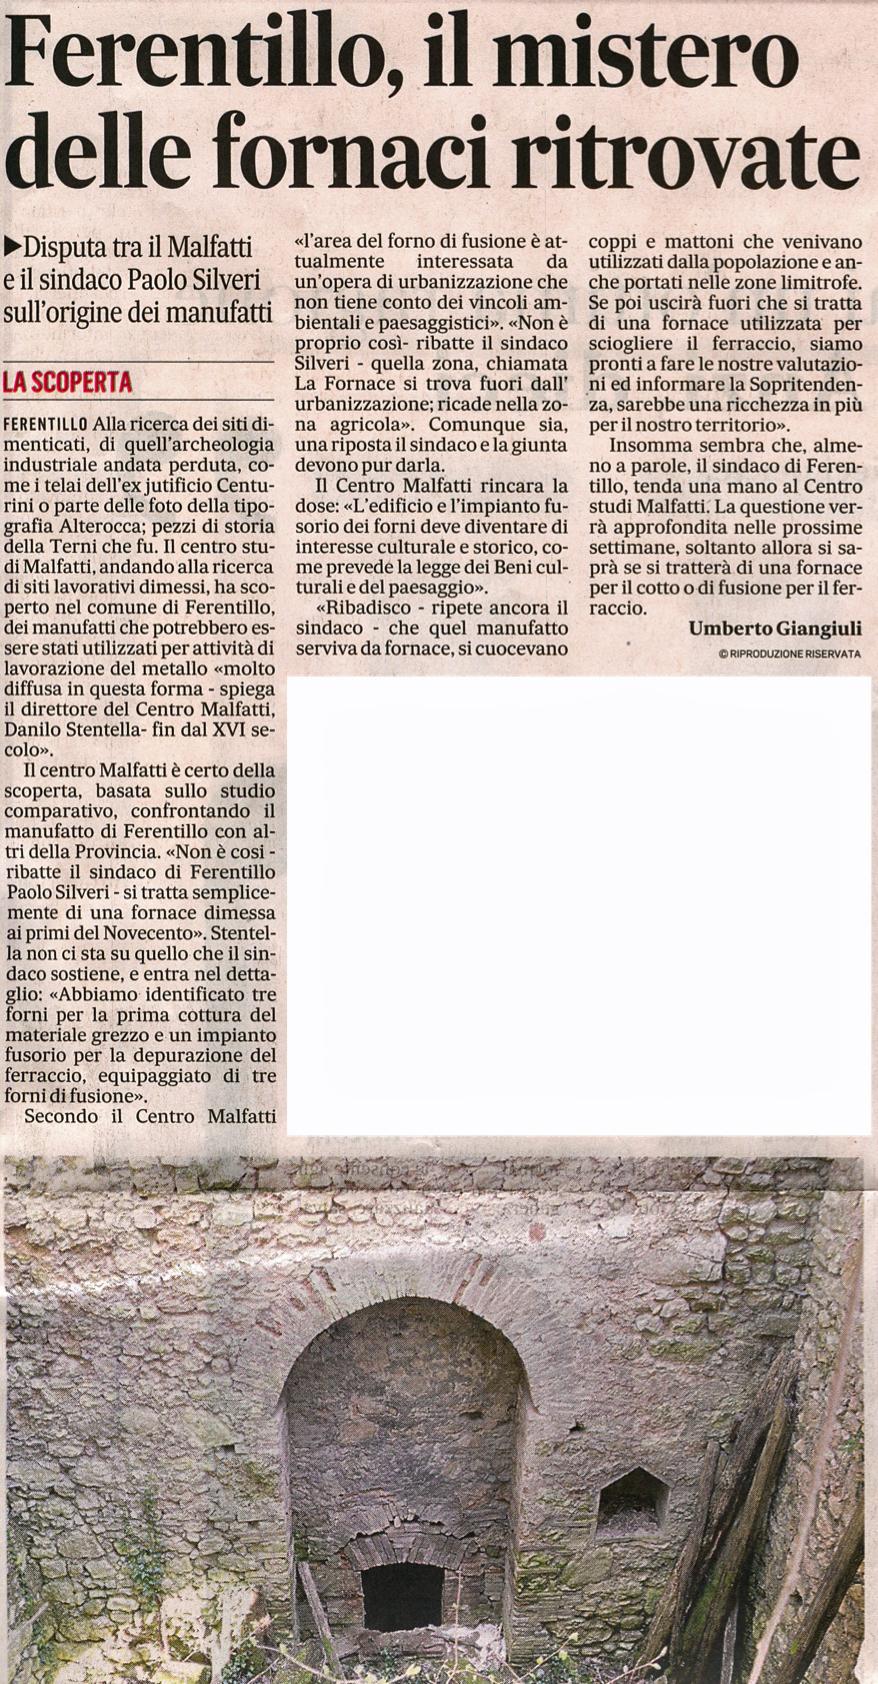 Articolo tratto da Il Messaggero del 03/01/2014